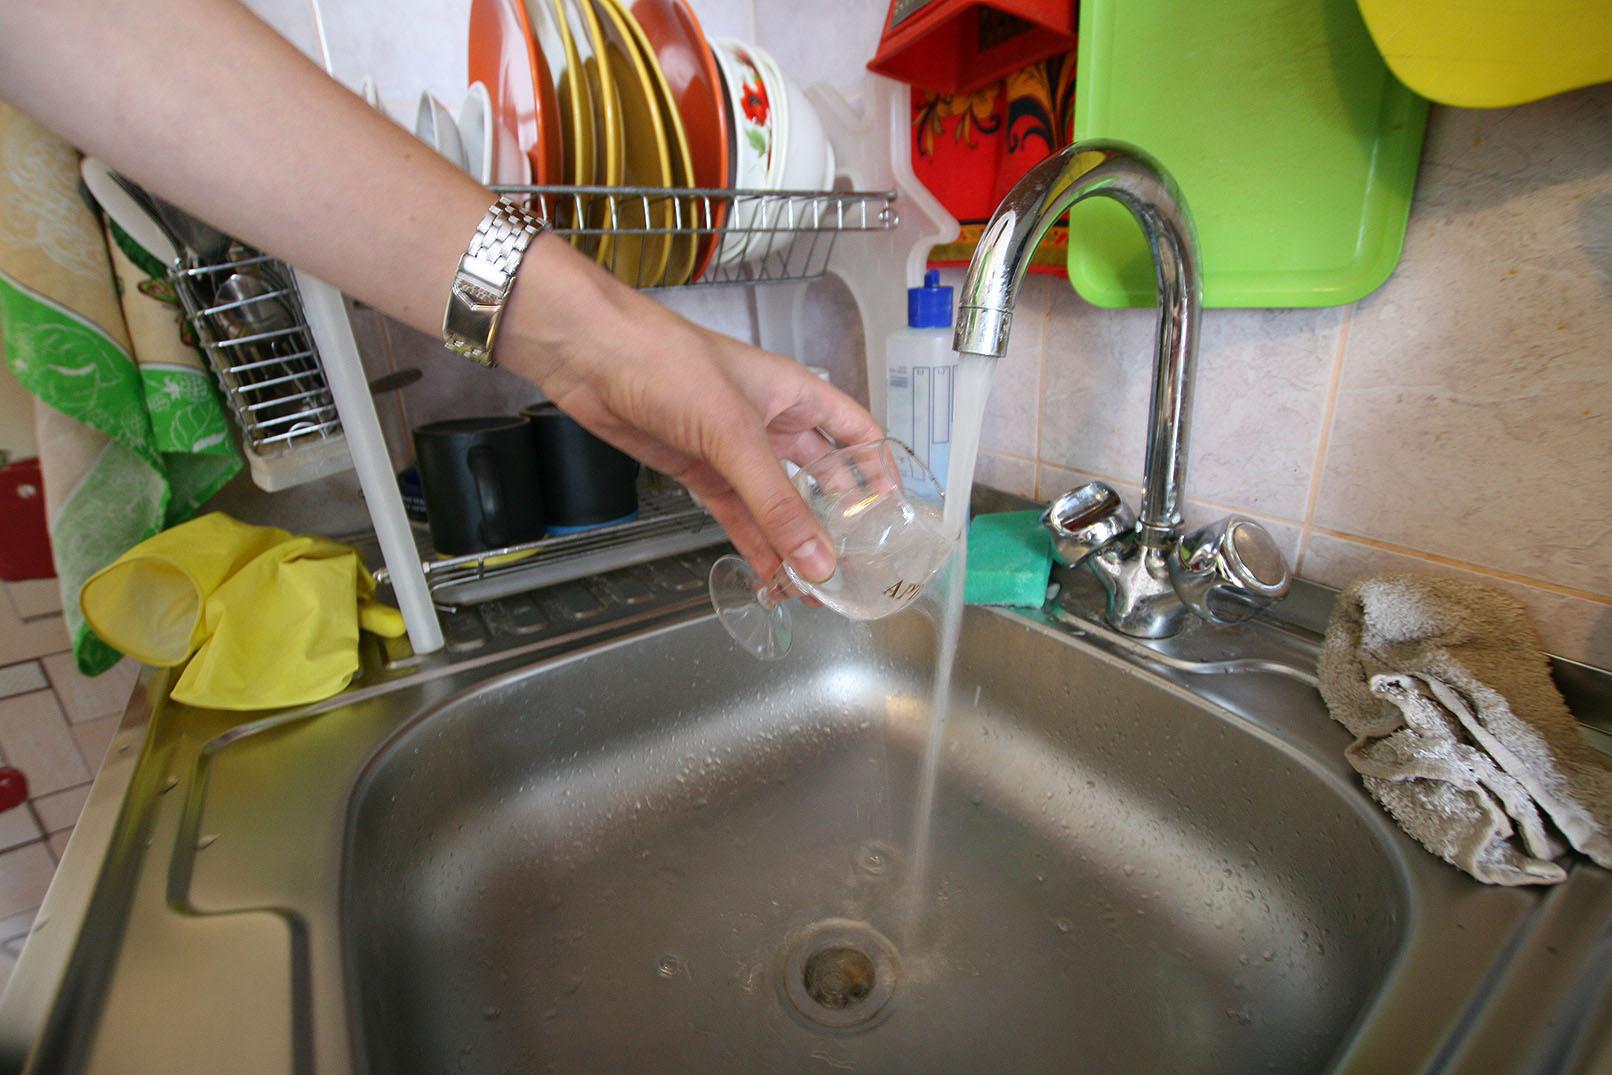 Силин помог? Жителям Вторчермета дали горячую воду